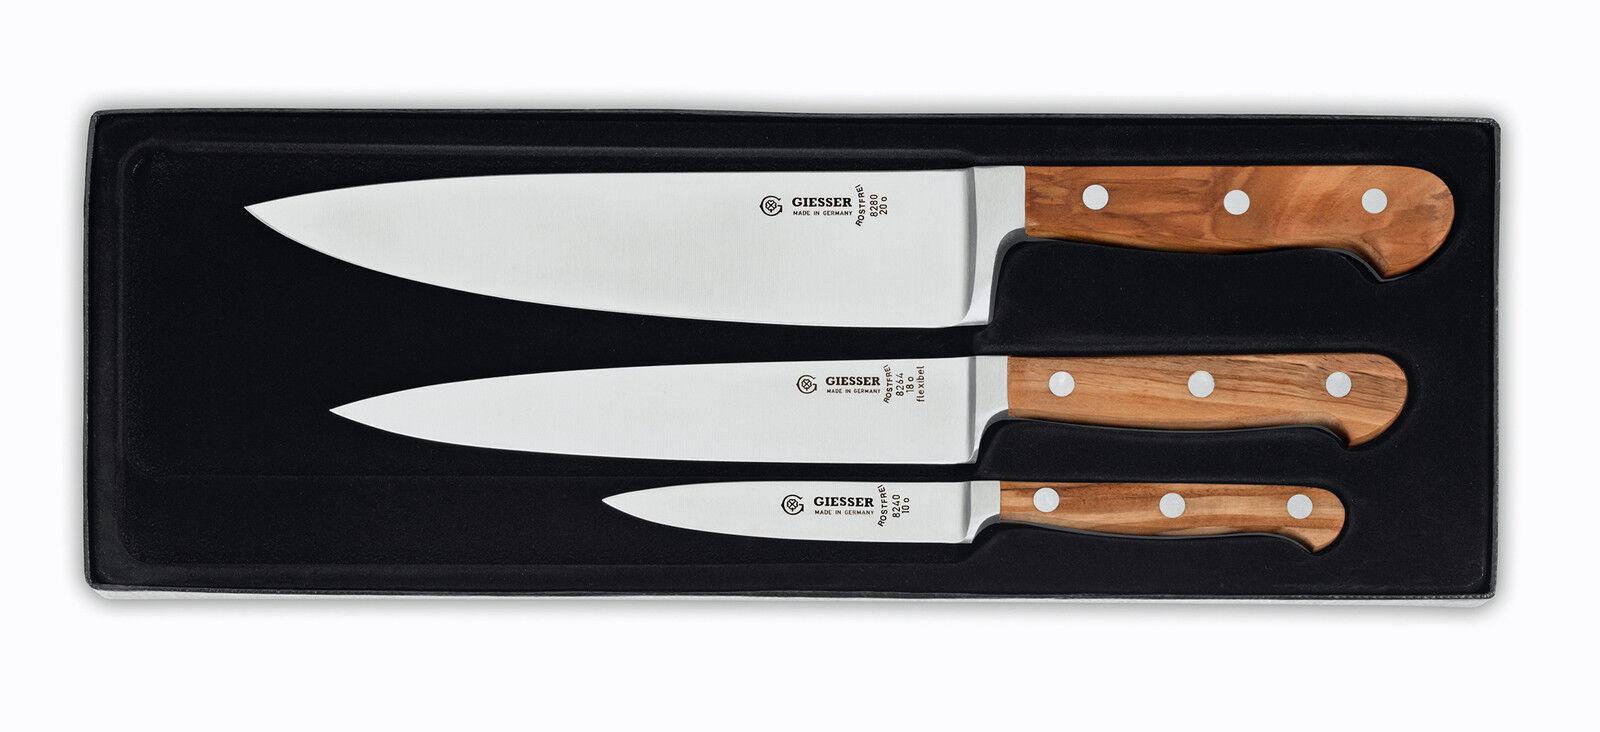 GIESSER MESSER KOCHMESSER SET OLIVENHOLZ Filiermesser Officemesser 9840 Knife